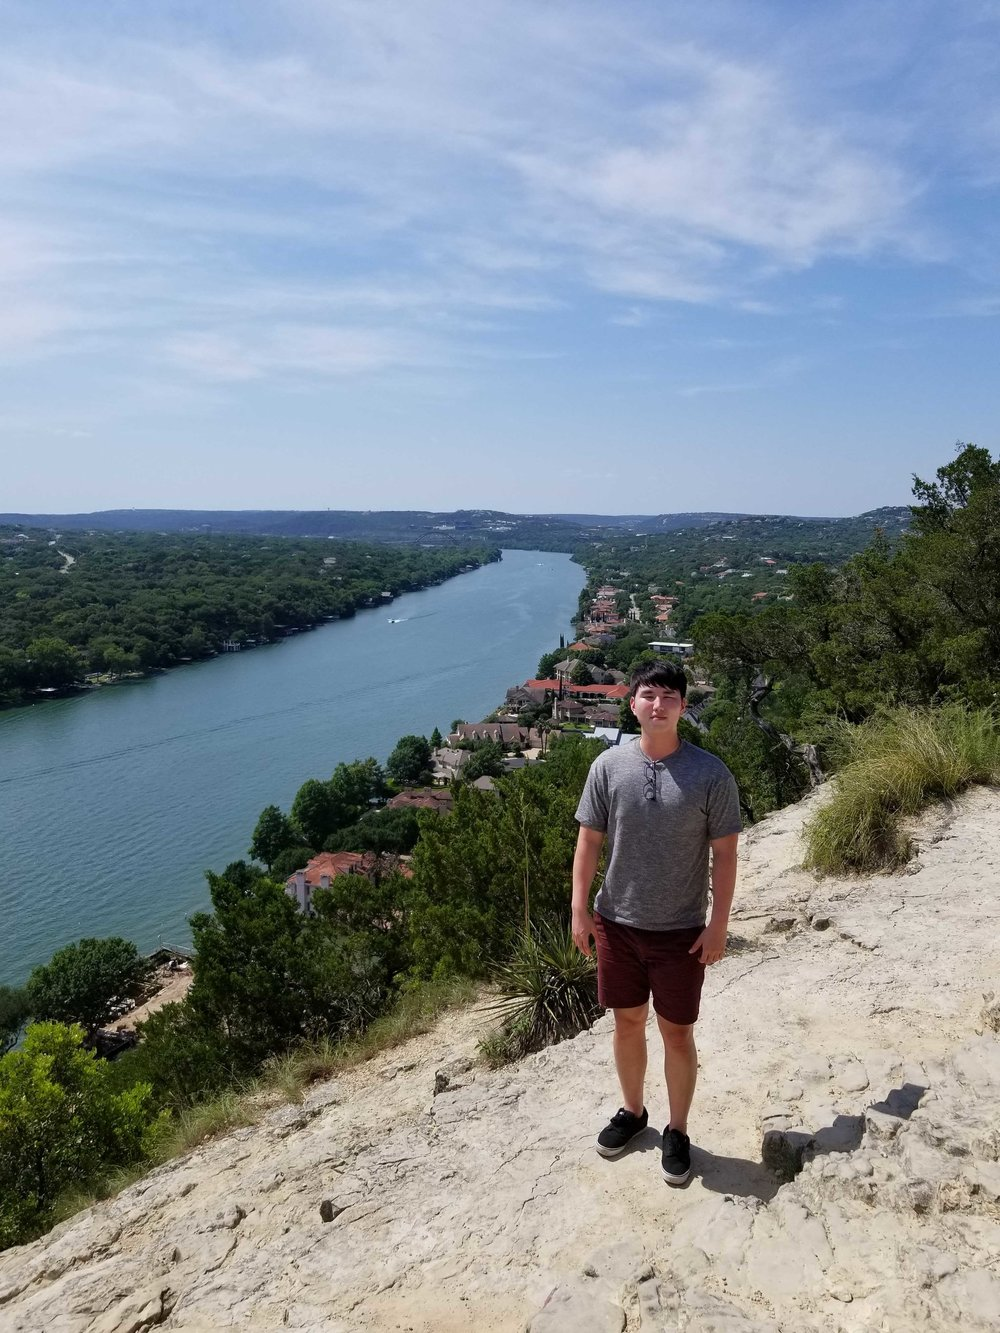 Joseph at Mt. Bonnell in Austin, TX